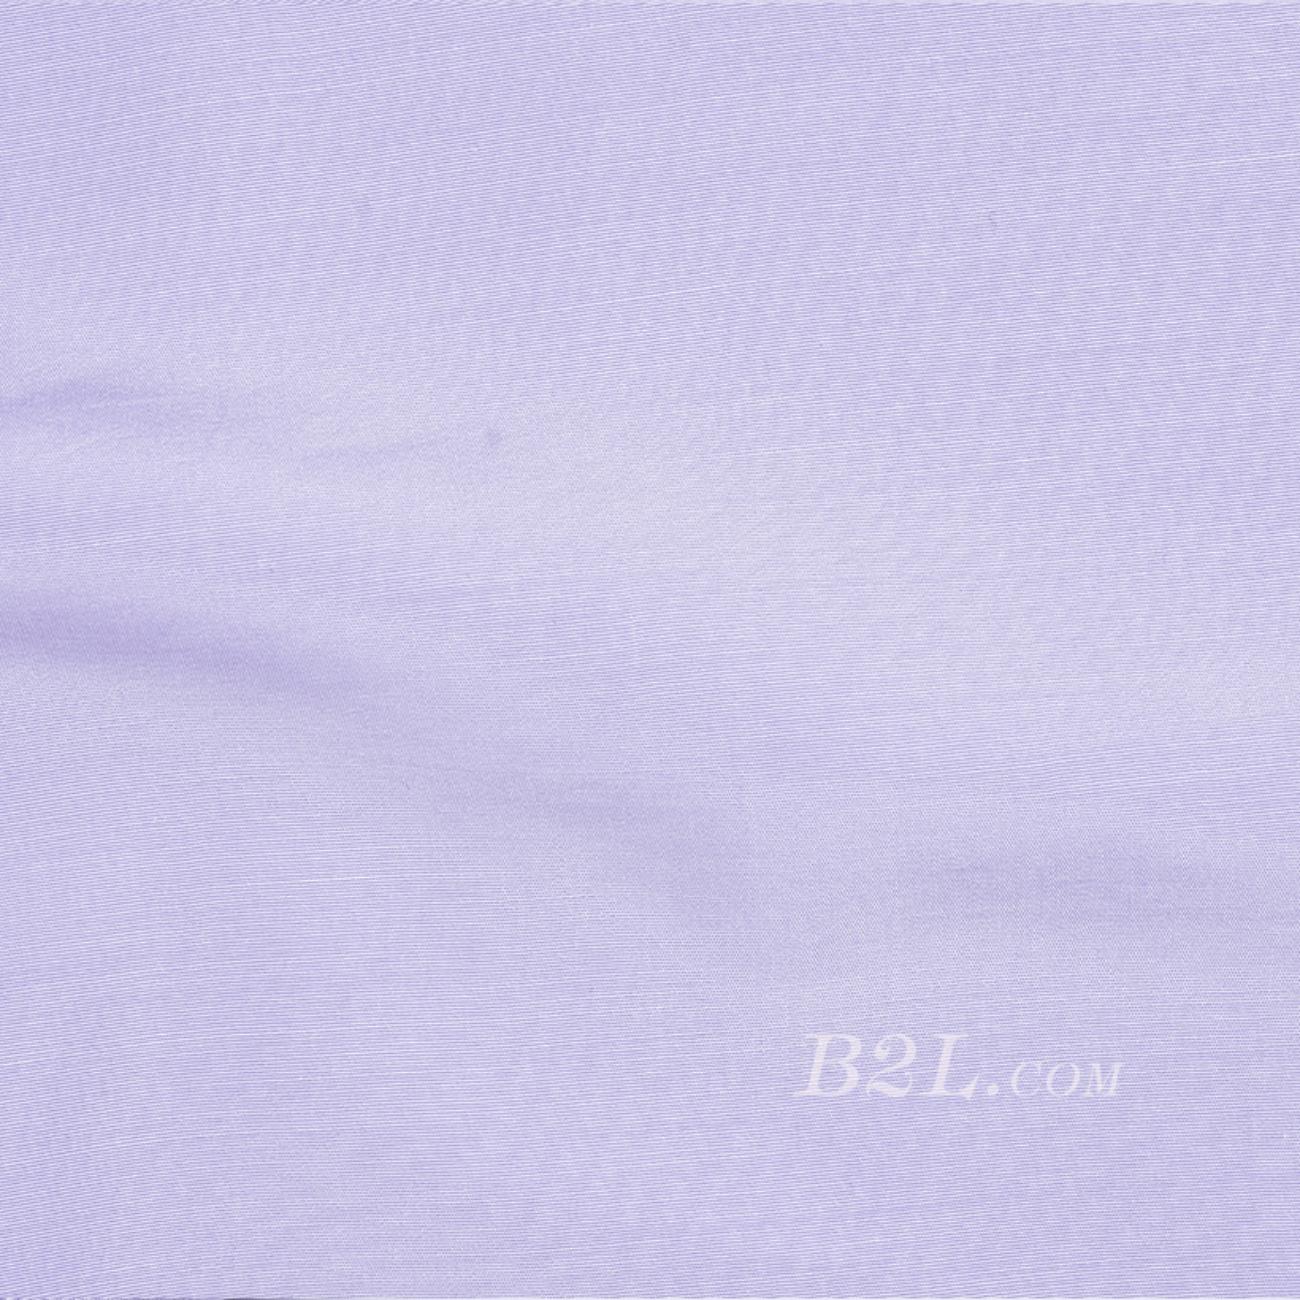 梭织染色素色全涤面料-春夏秋款连衣裙外套面料80910-10